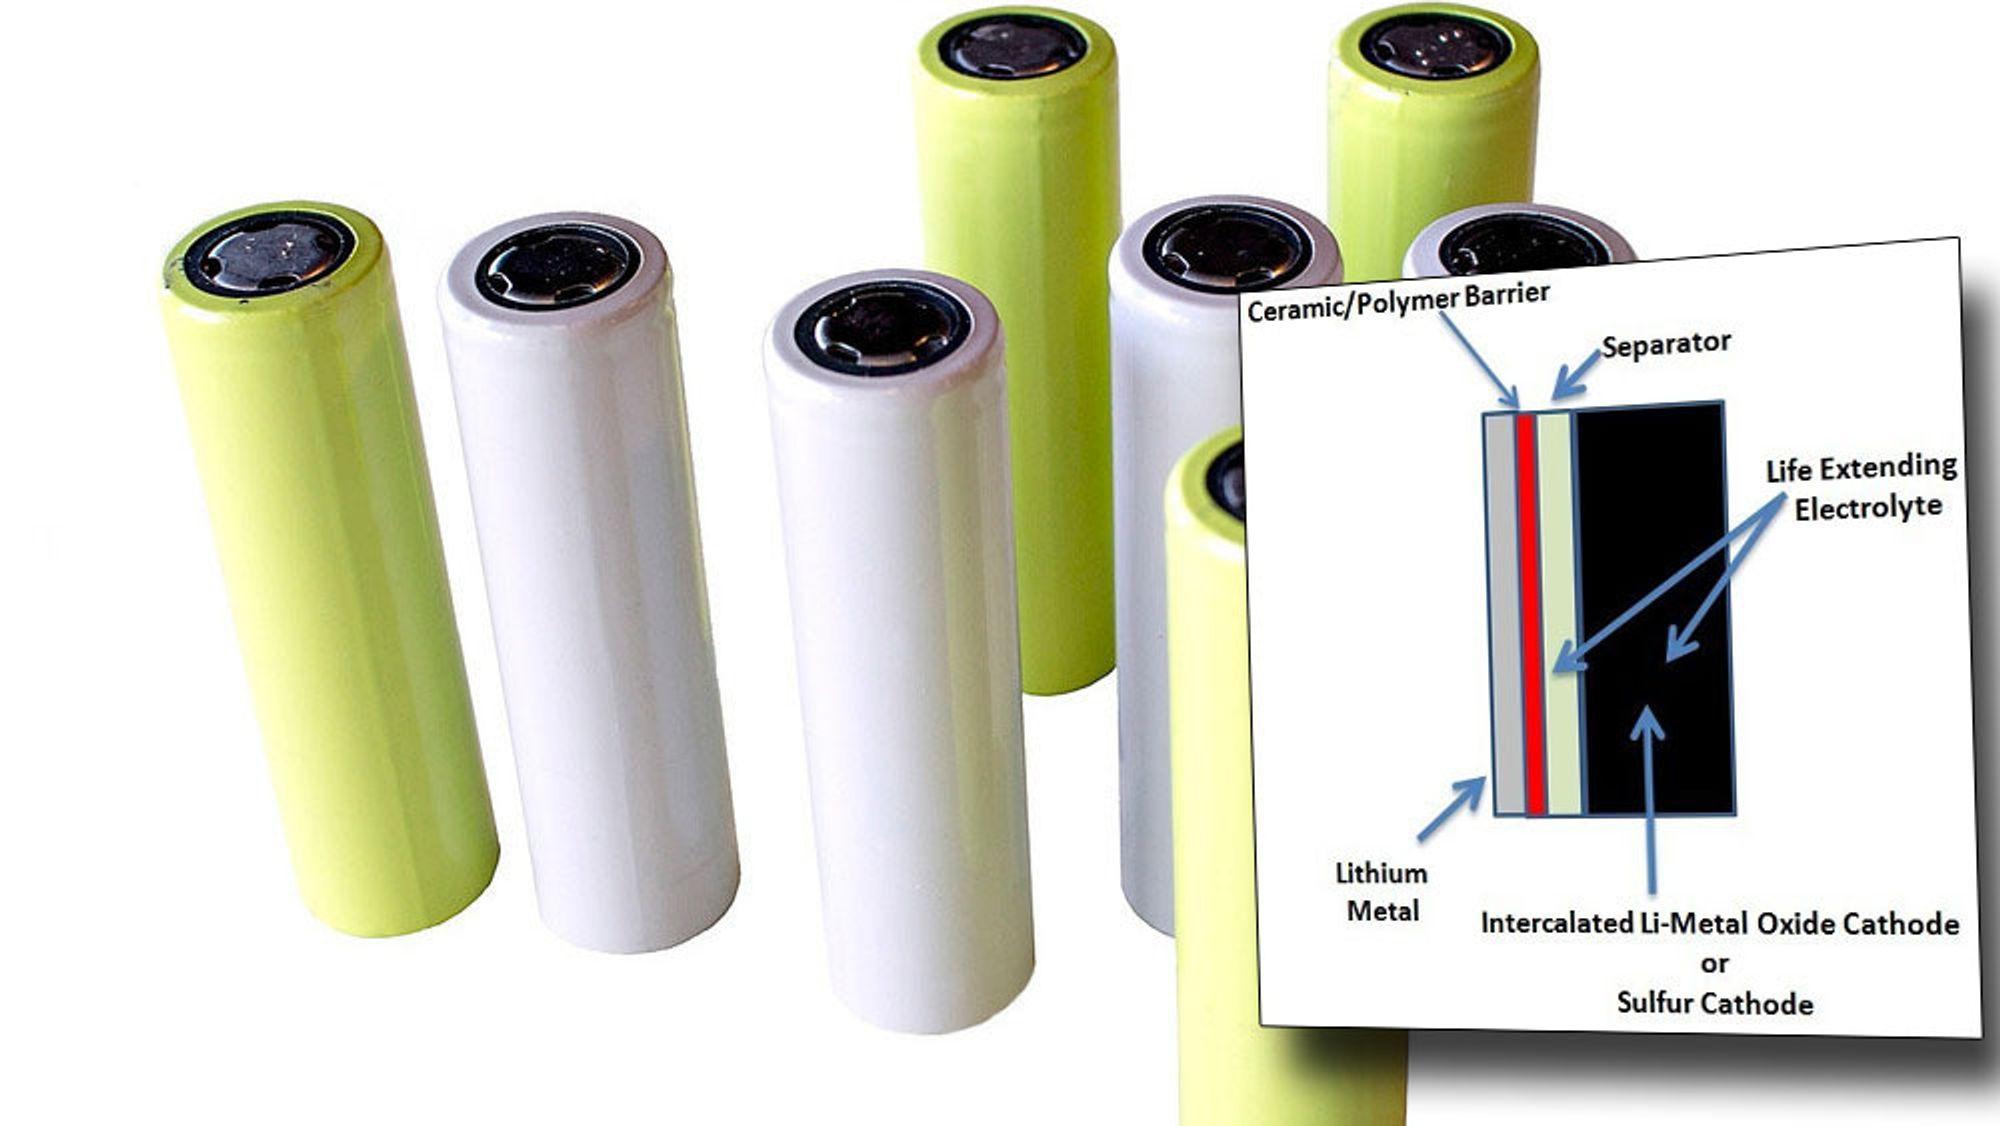 Sion Power hevder å ha utviklet et litiumsvovelbatteri som gir svært høy energitetthet.